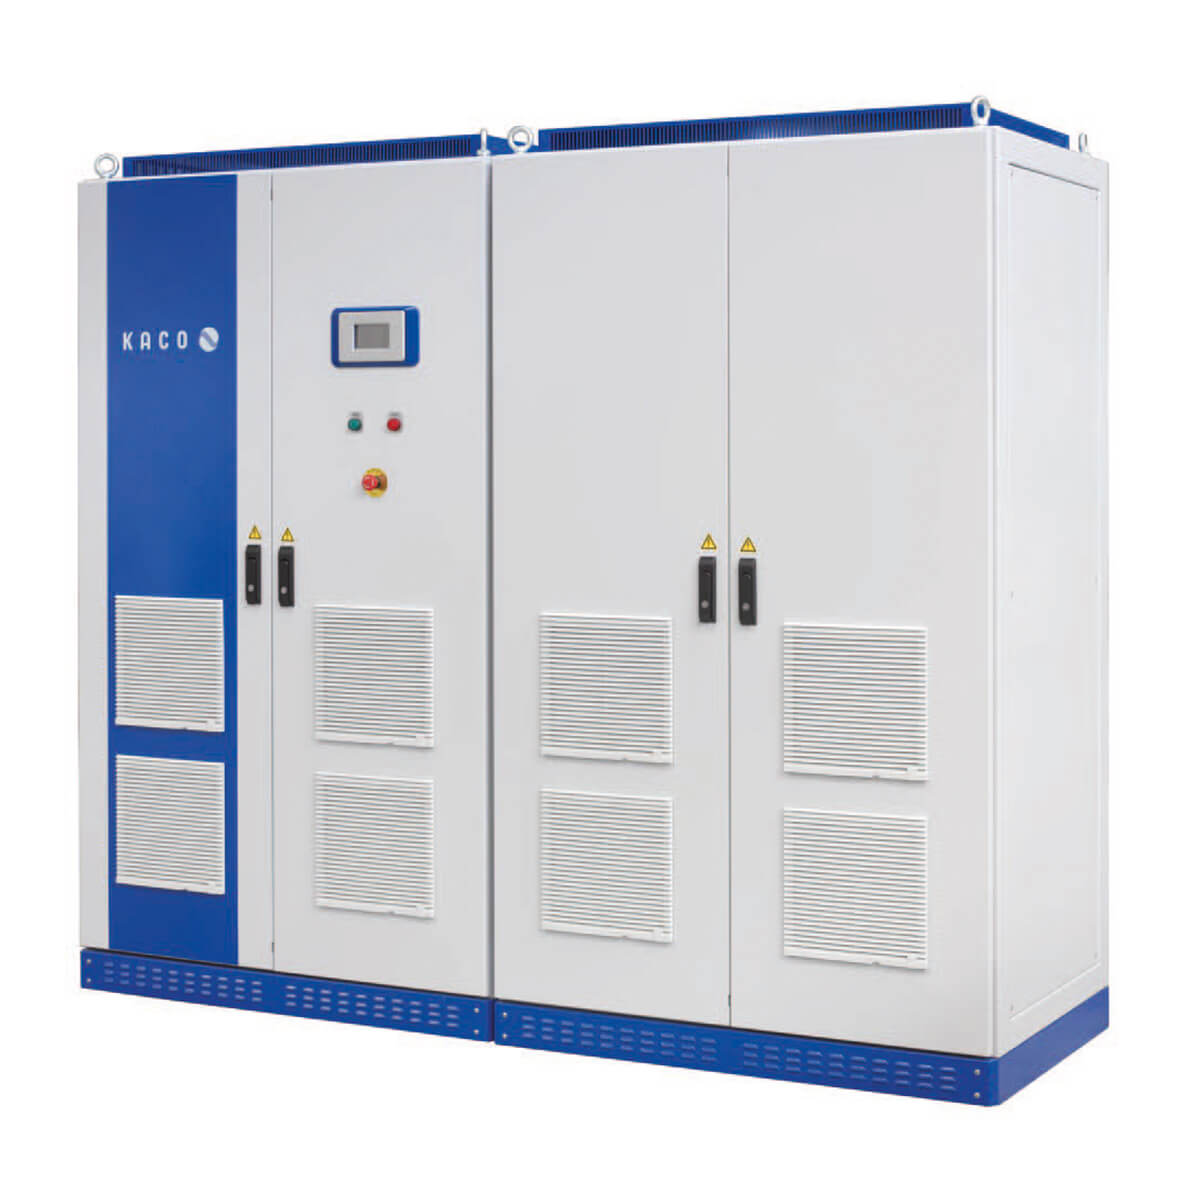 kaco 200kW inverter, kaco powador 200kW inverter, kaco powador xp200hv inverter, kaco powador xp200hv, kaco powador 200 kW